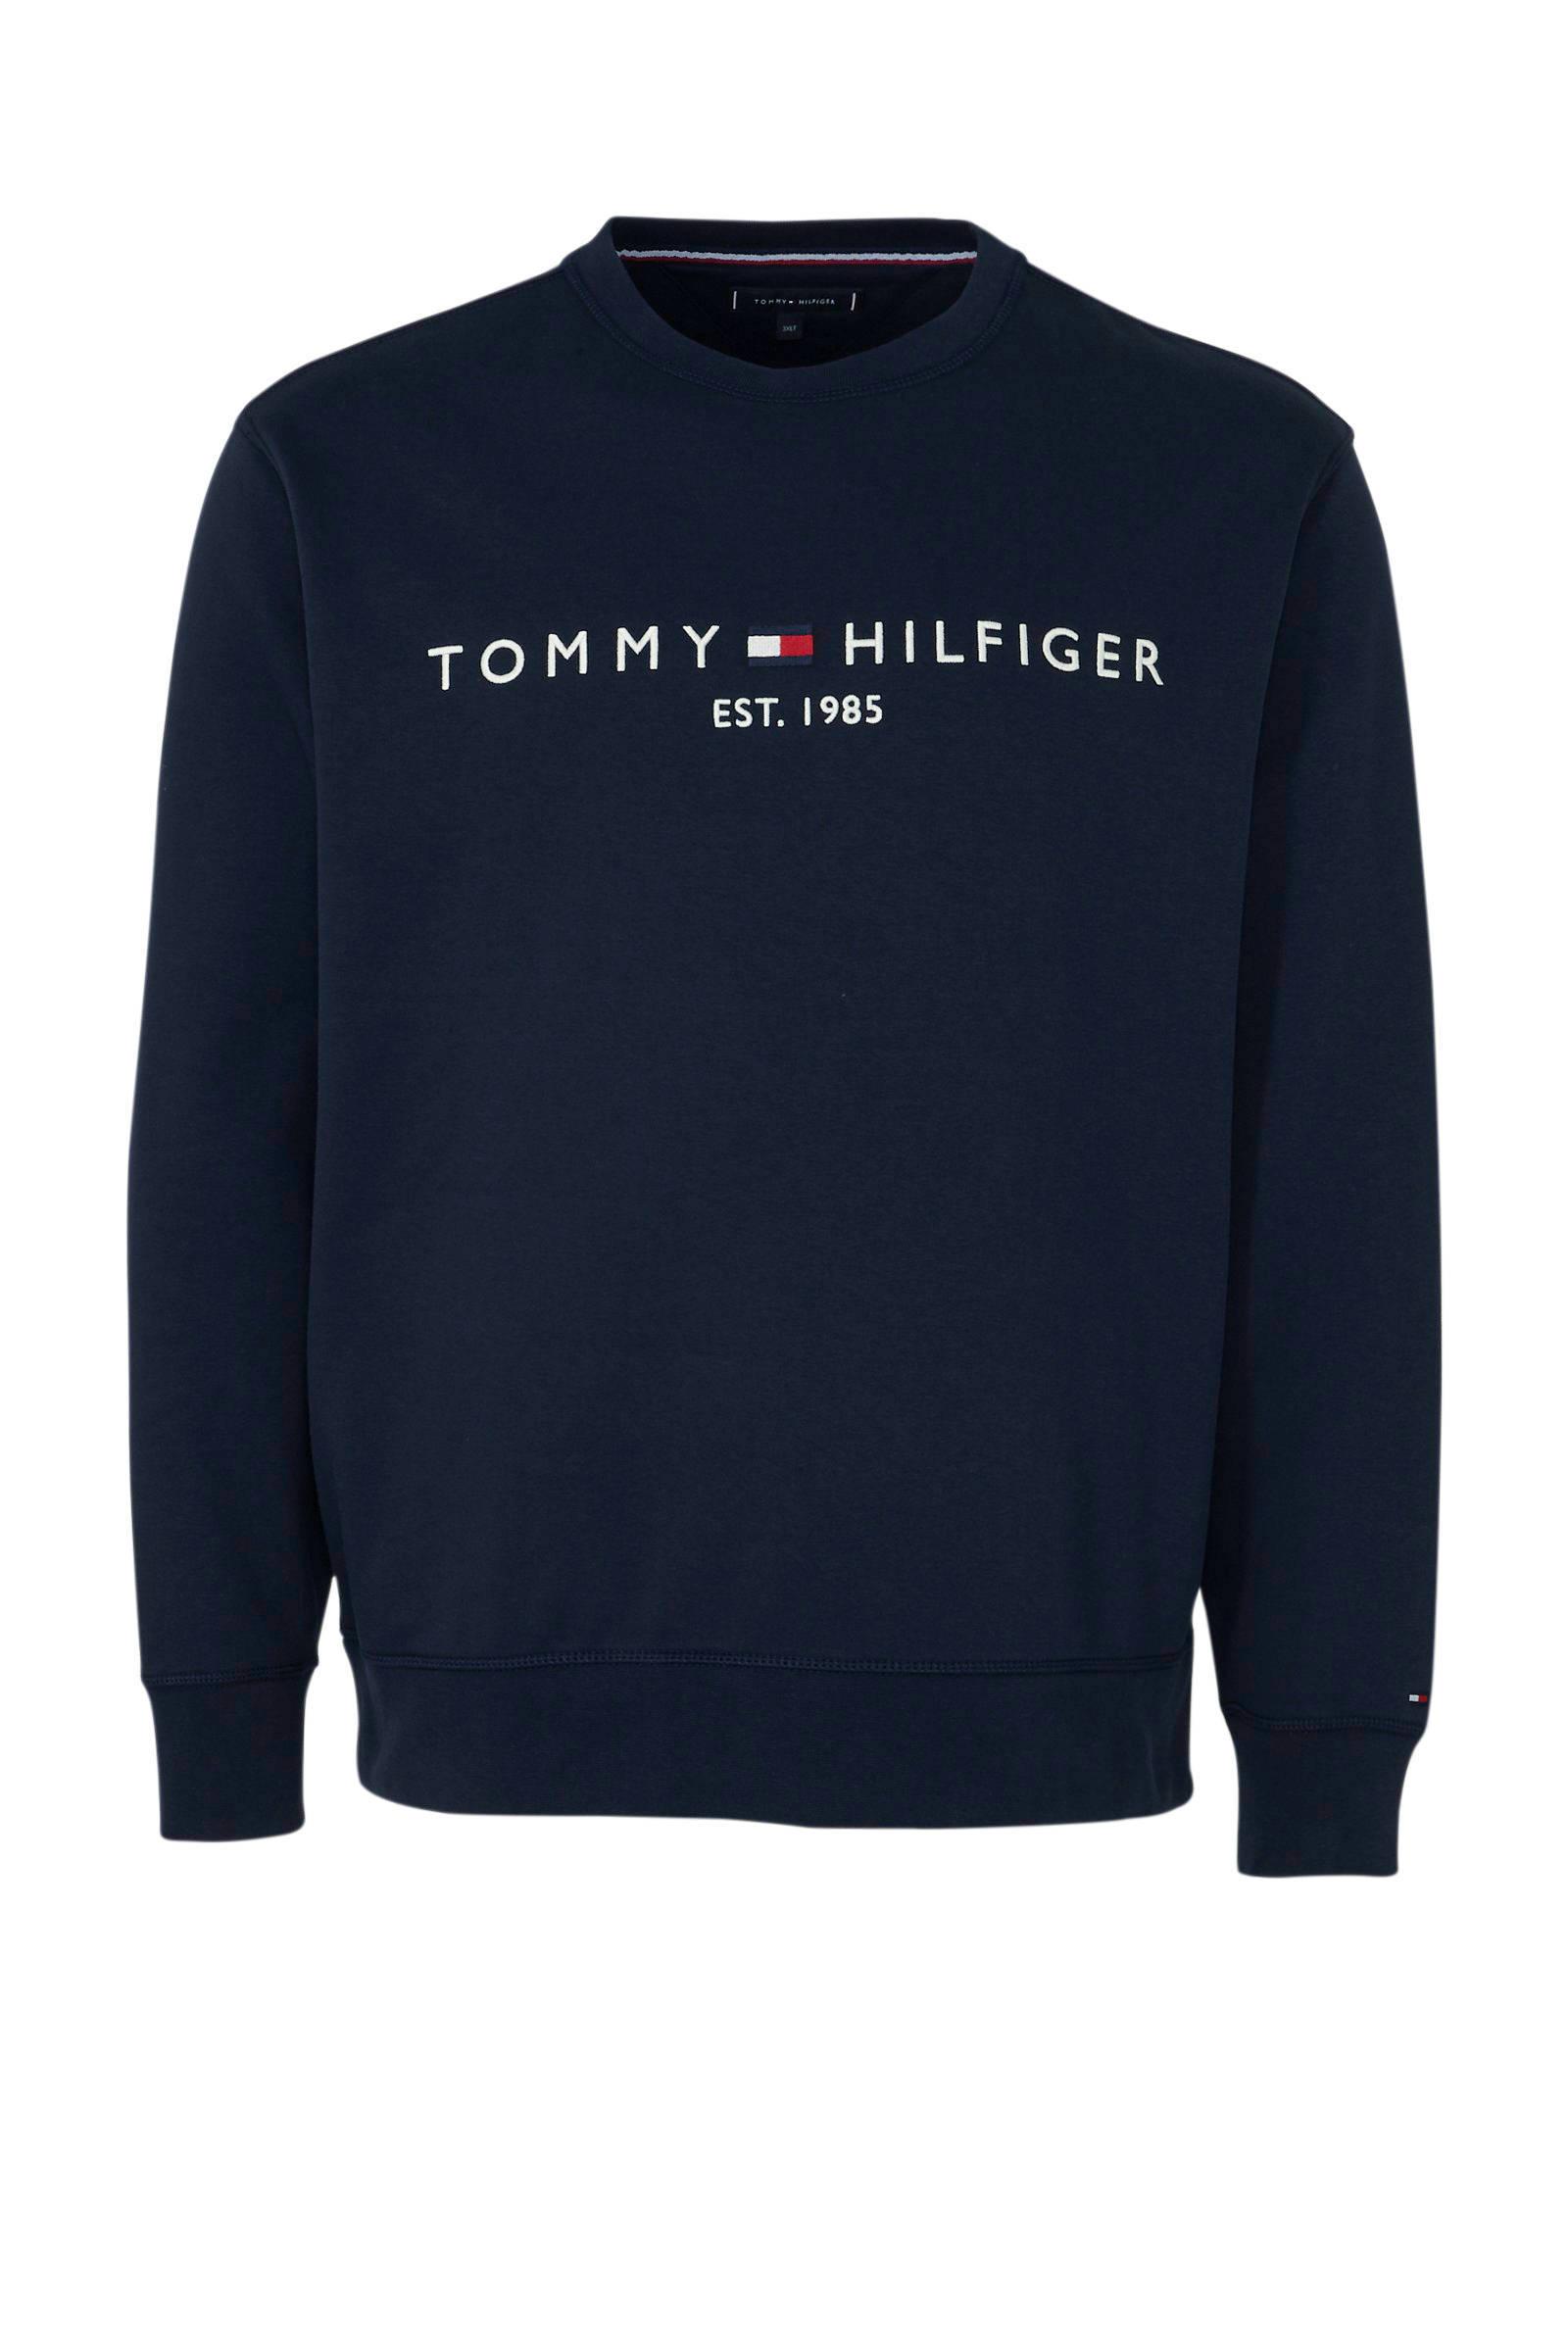 Tommy Hilfiger Big & Tall heren truien bij wehkamp Gratis